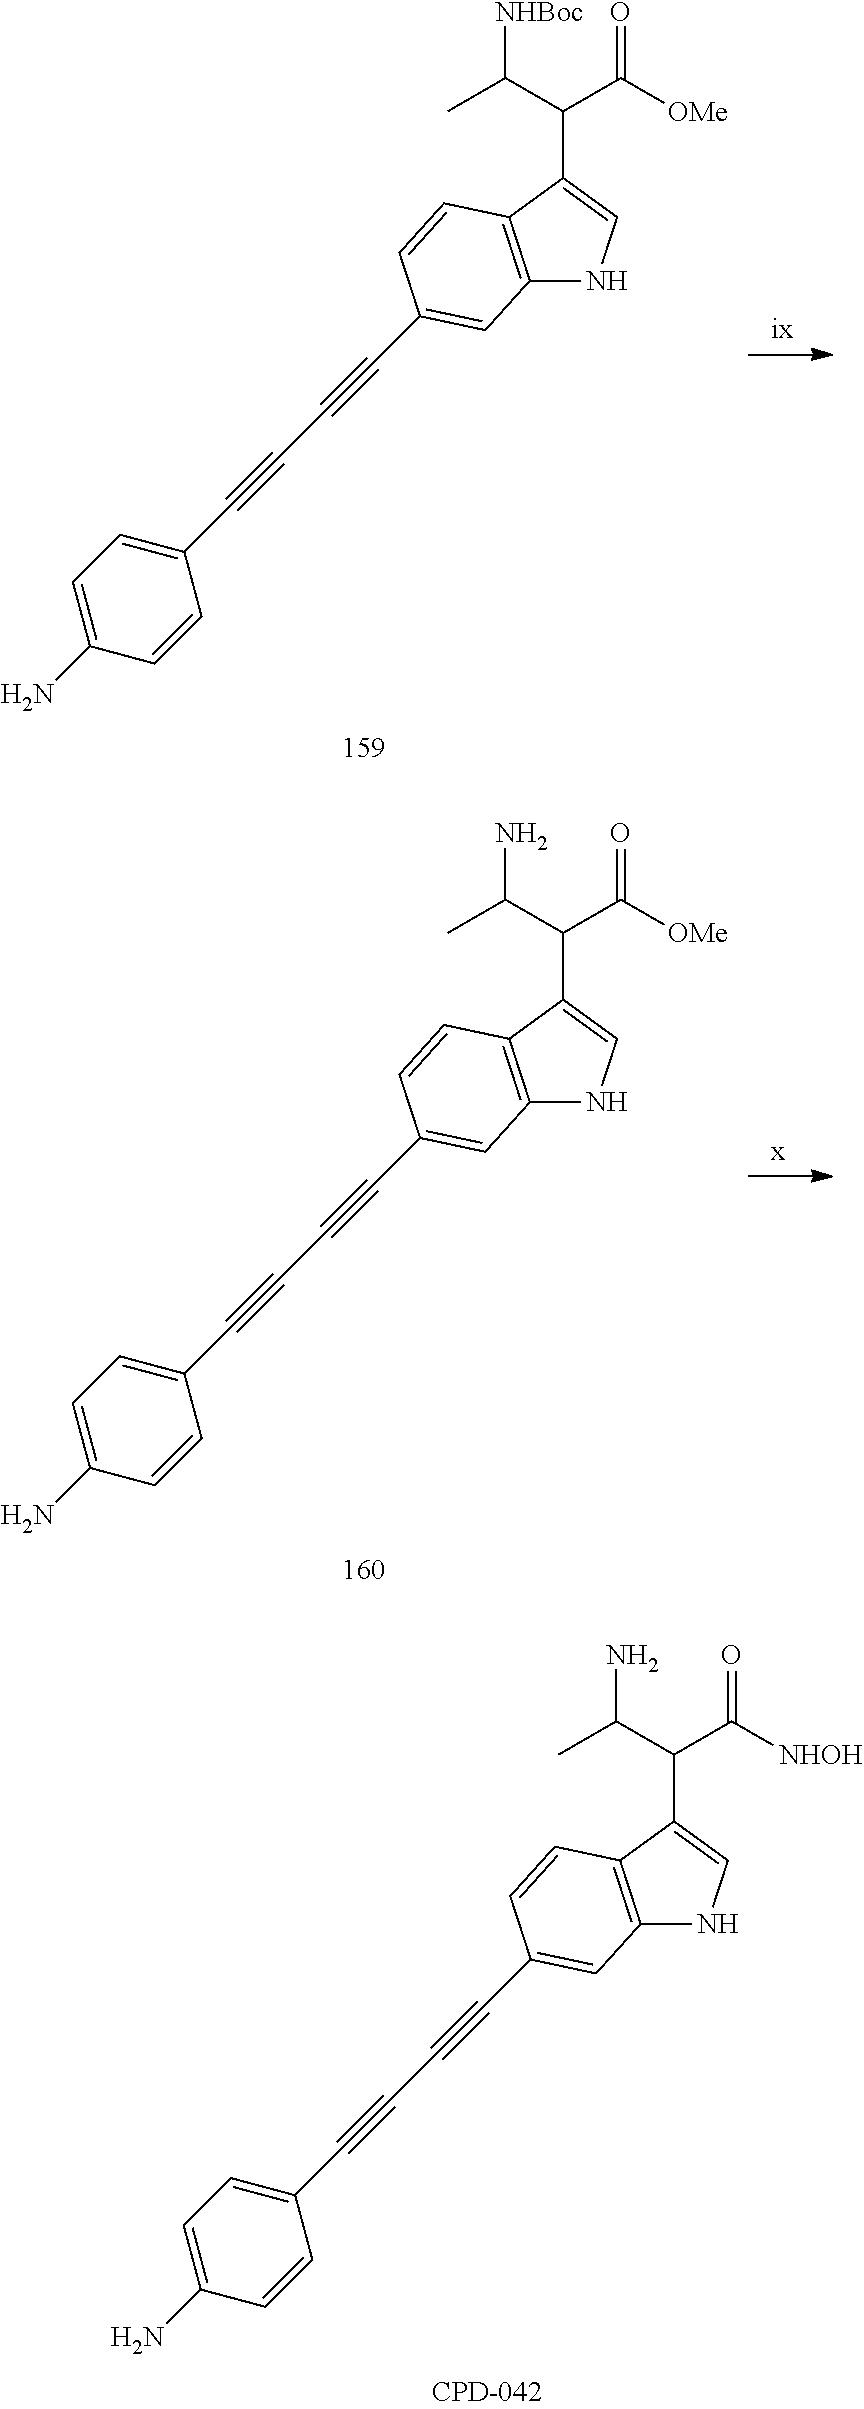 Figure US09738604-20170822-C00072